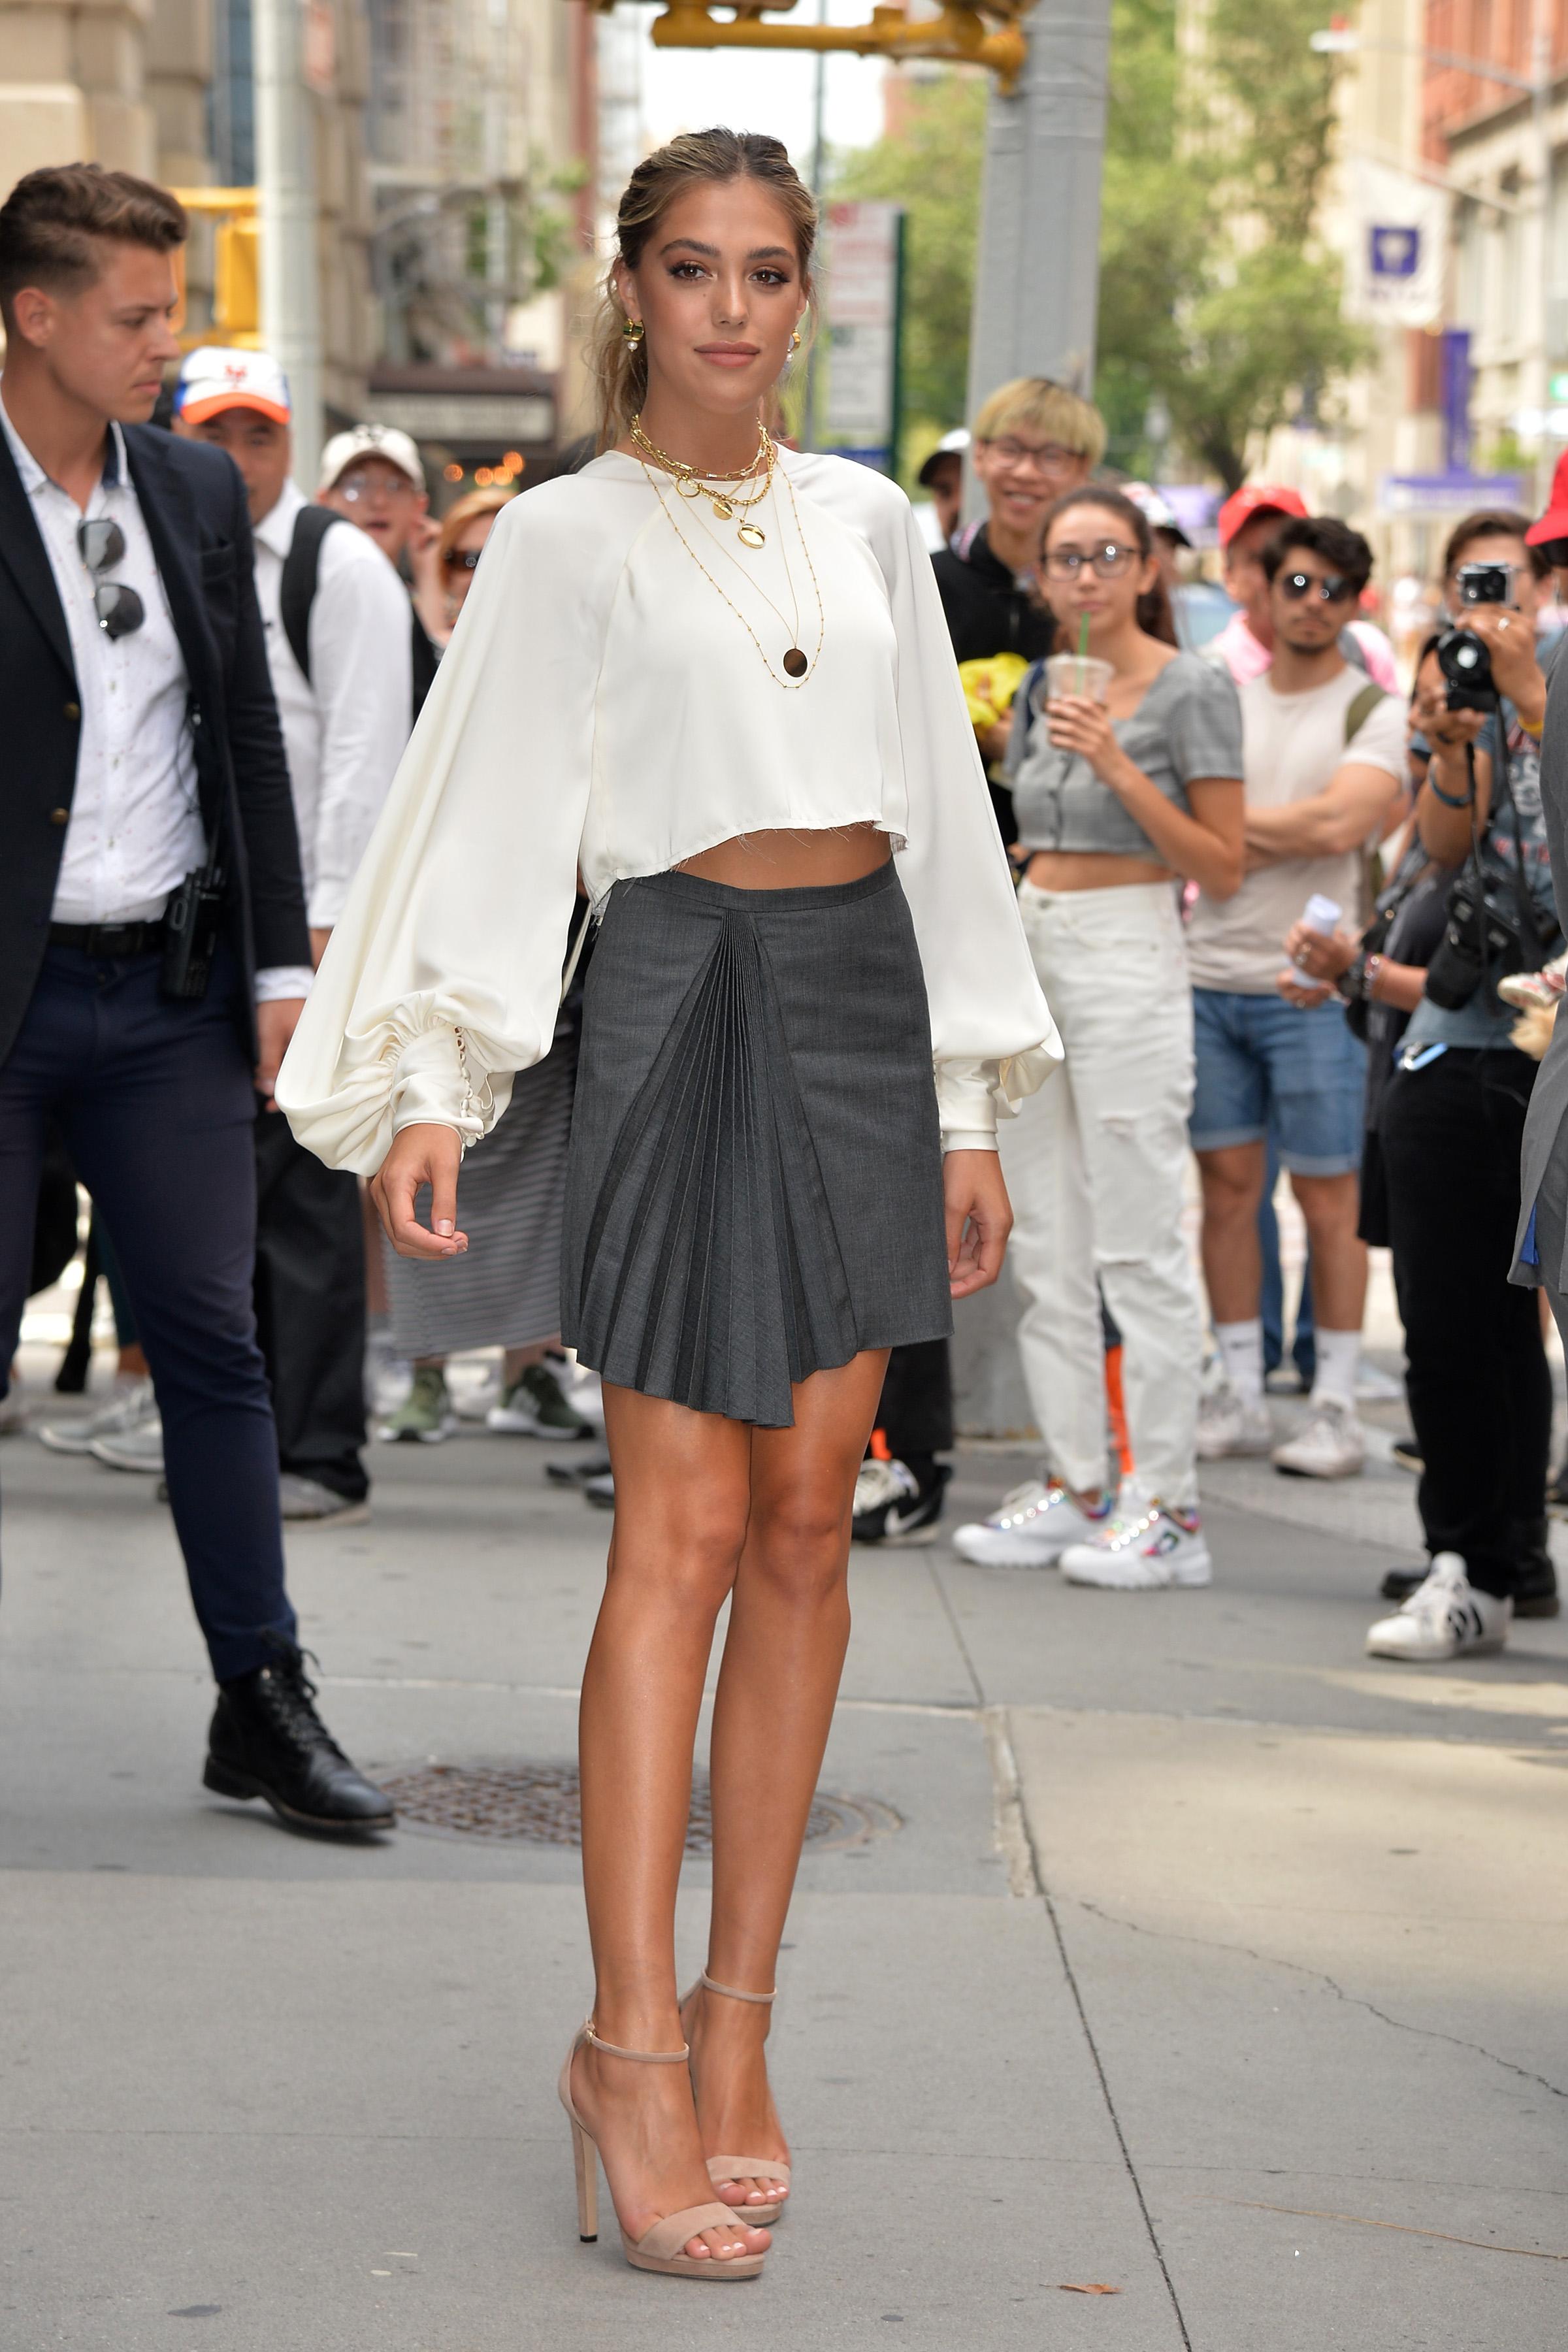 Sistine Rose Stallone tuvo un cambio de outfit